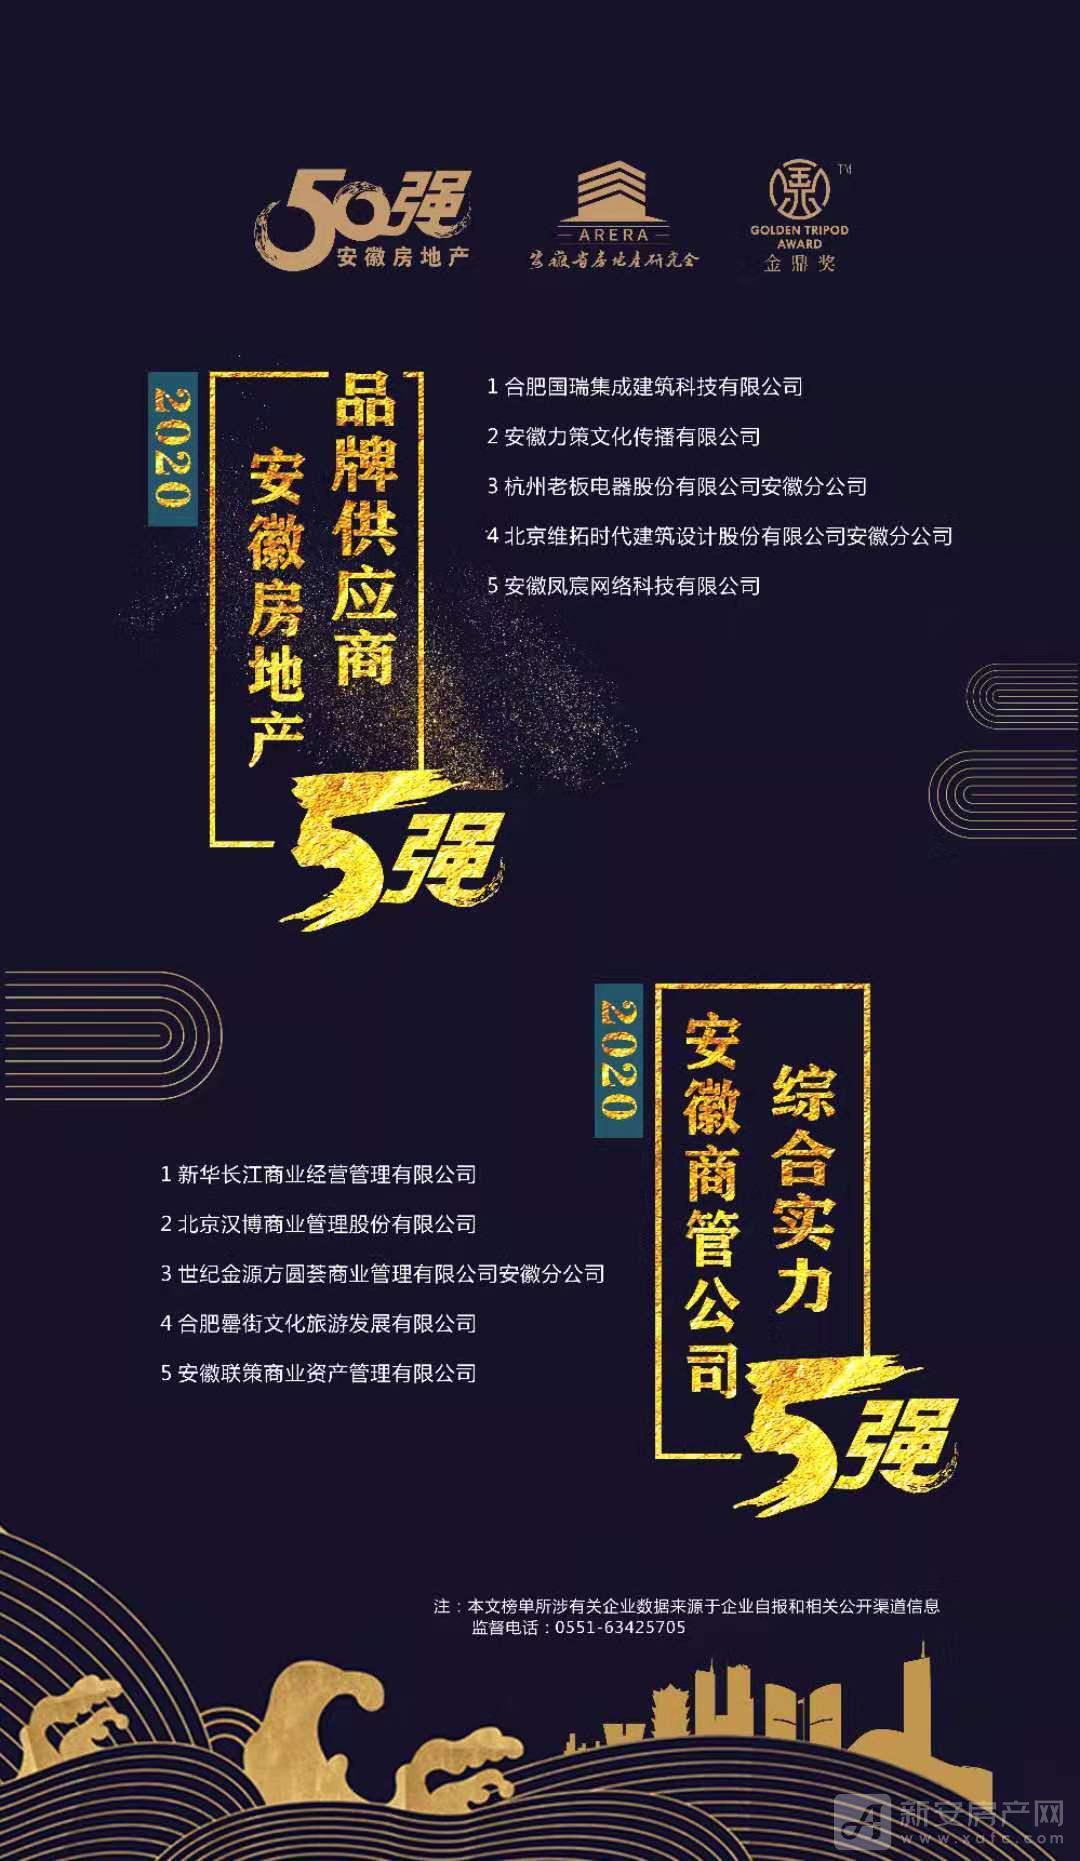 2020安徽房地产供应商、商管企业5强